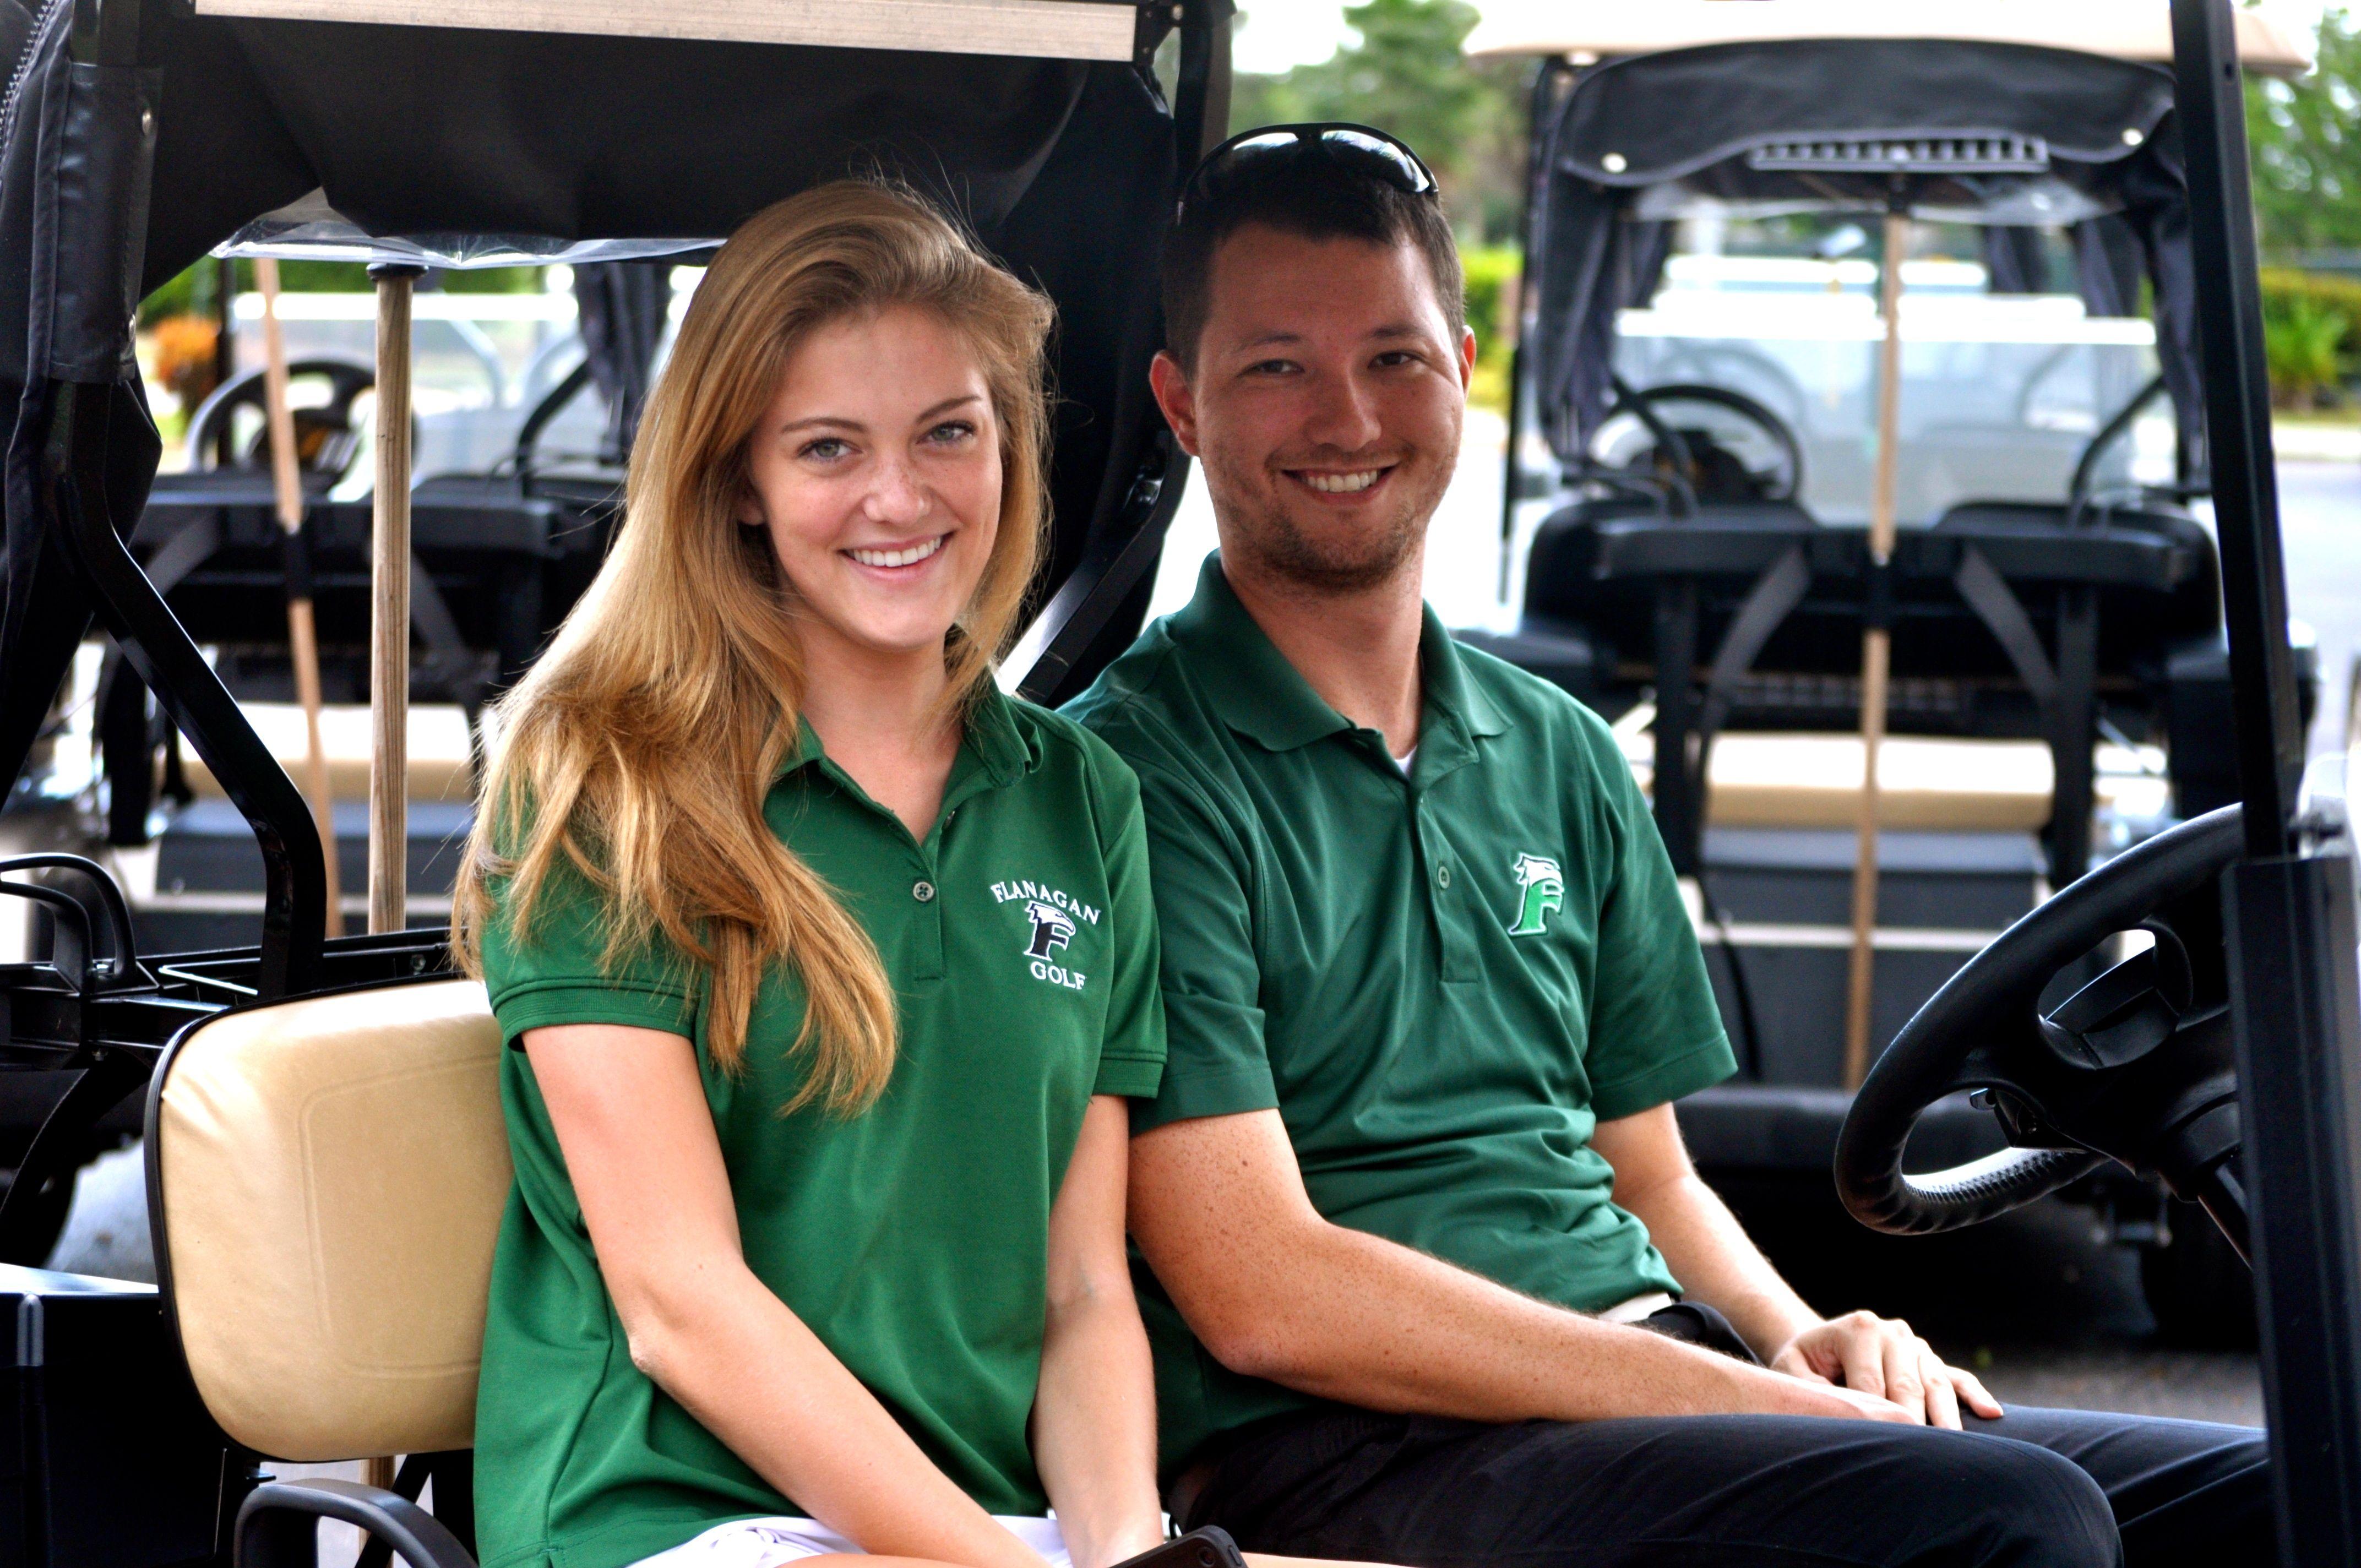 #Flanagan #High #school #Broward #county #golf